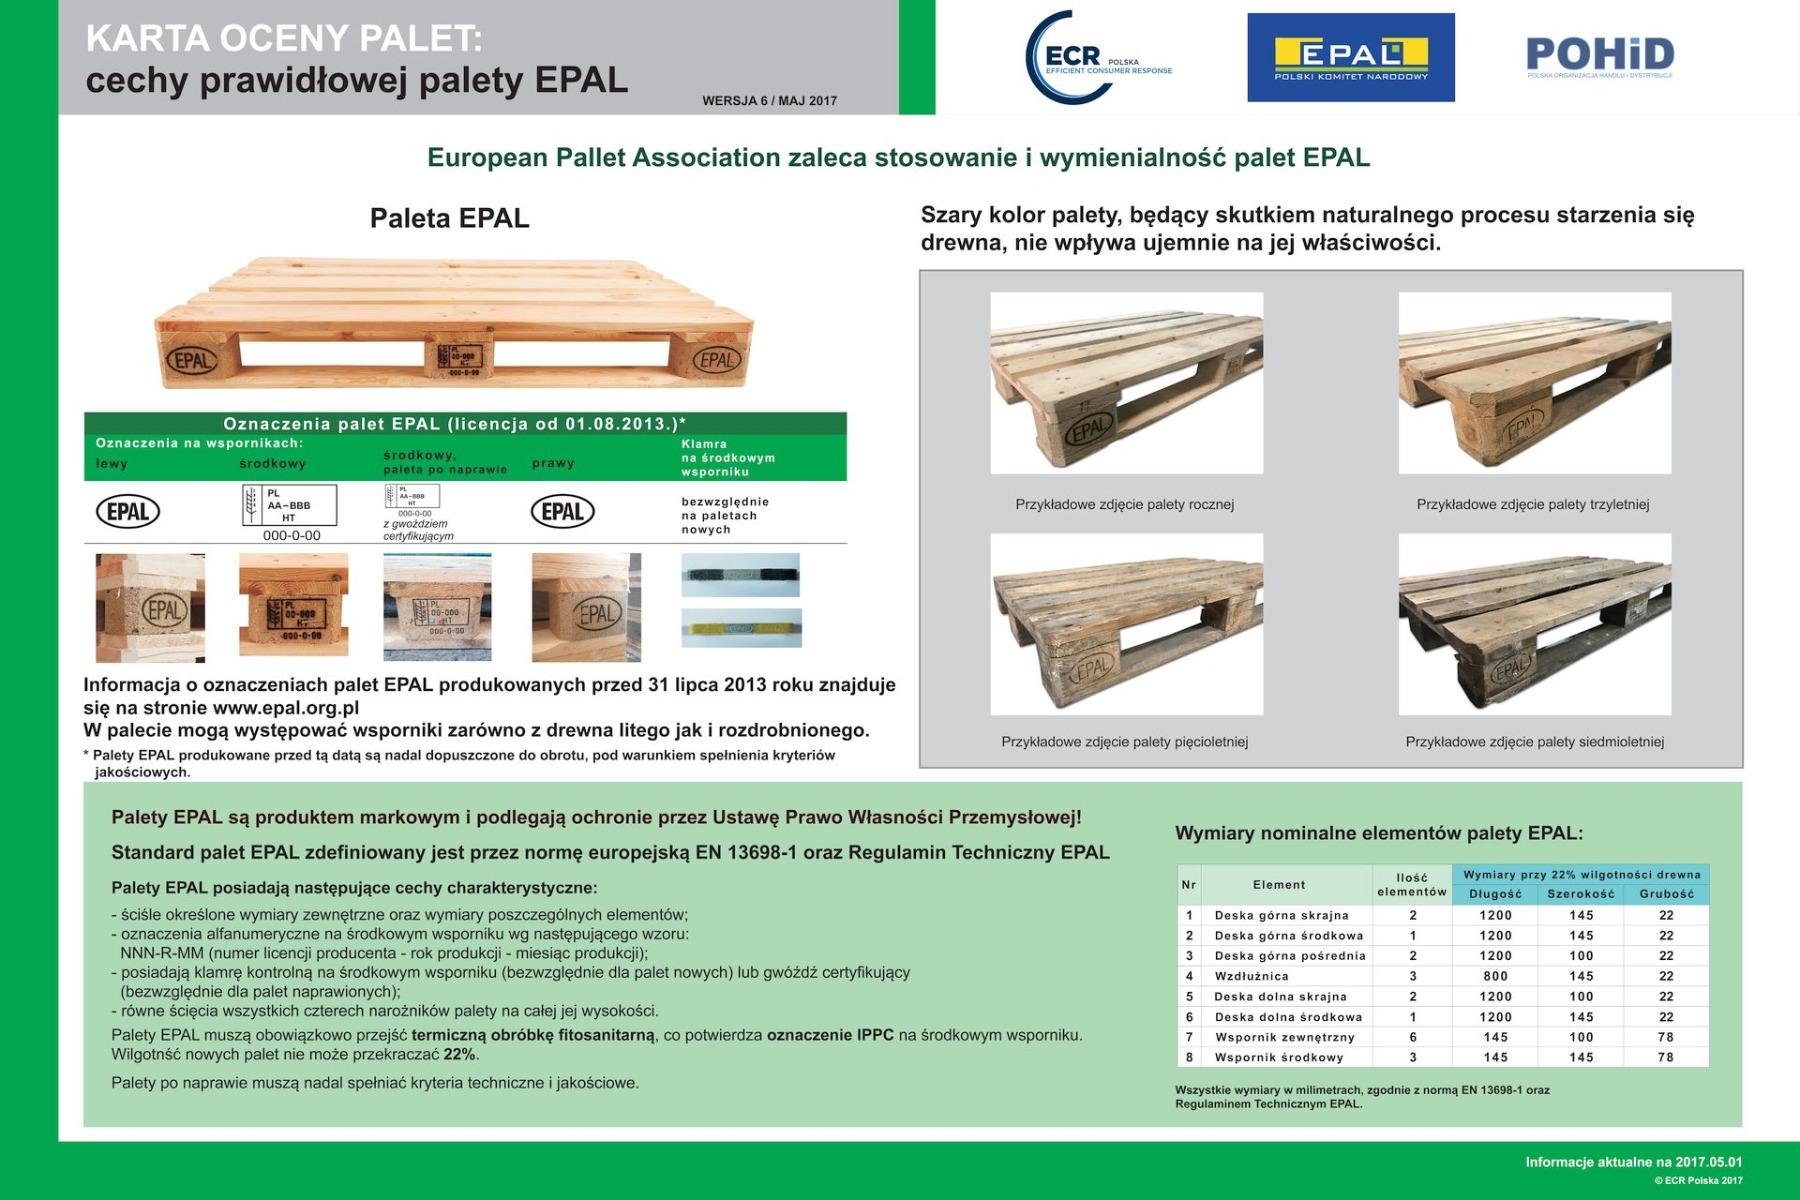 Karta oceny palety Epal